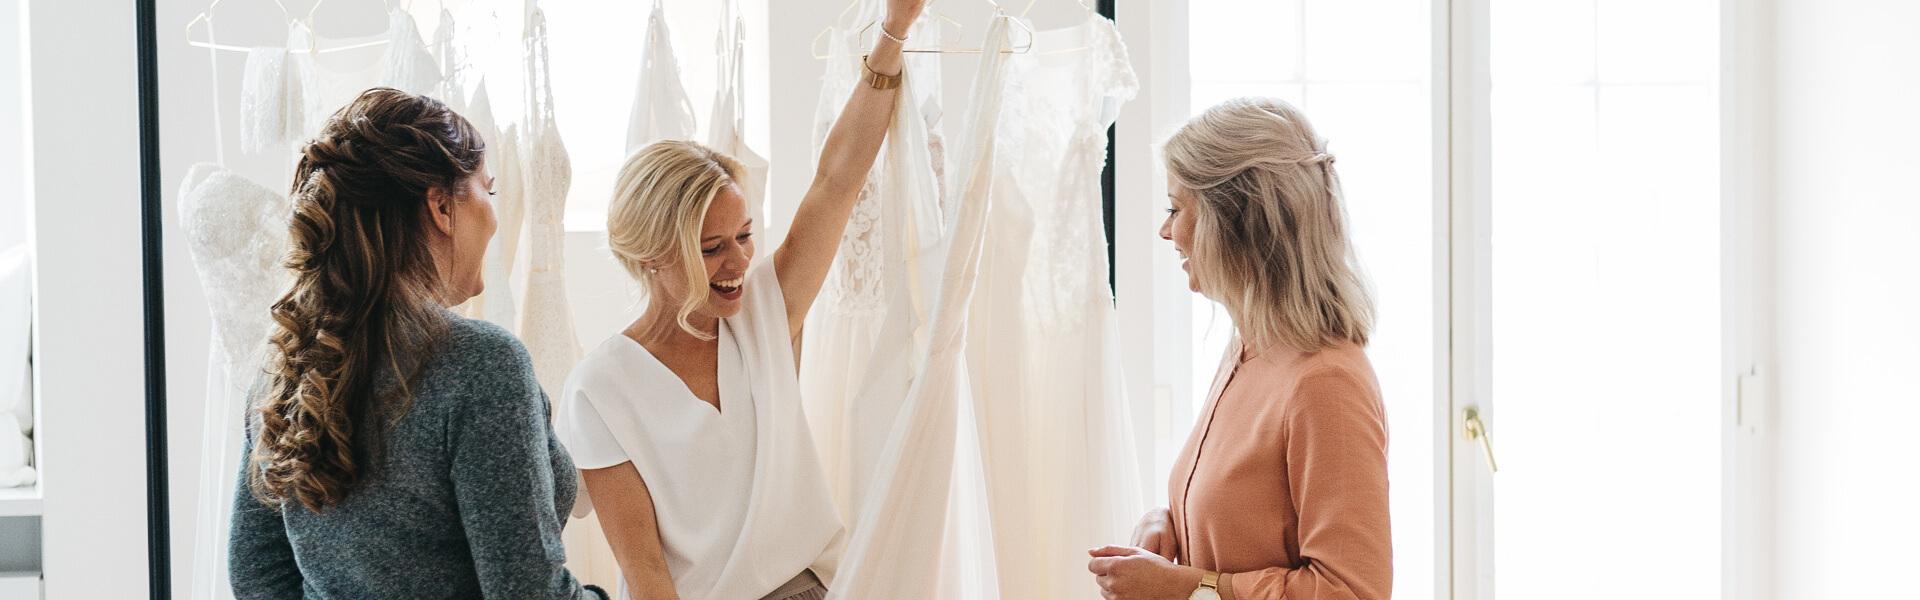 Brautmomente – FAQ's